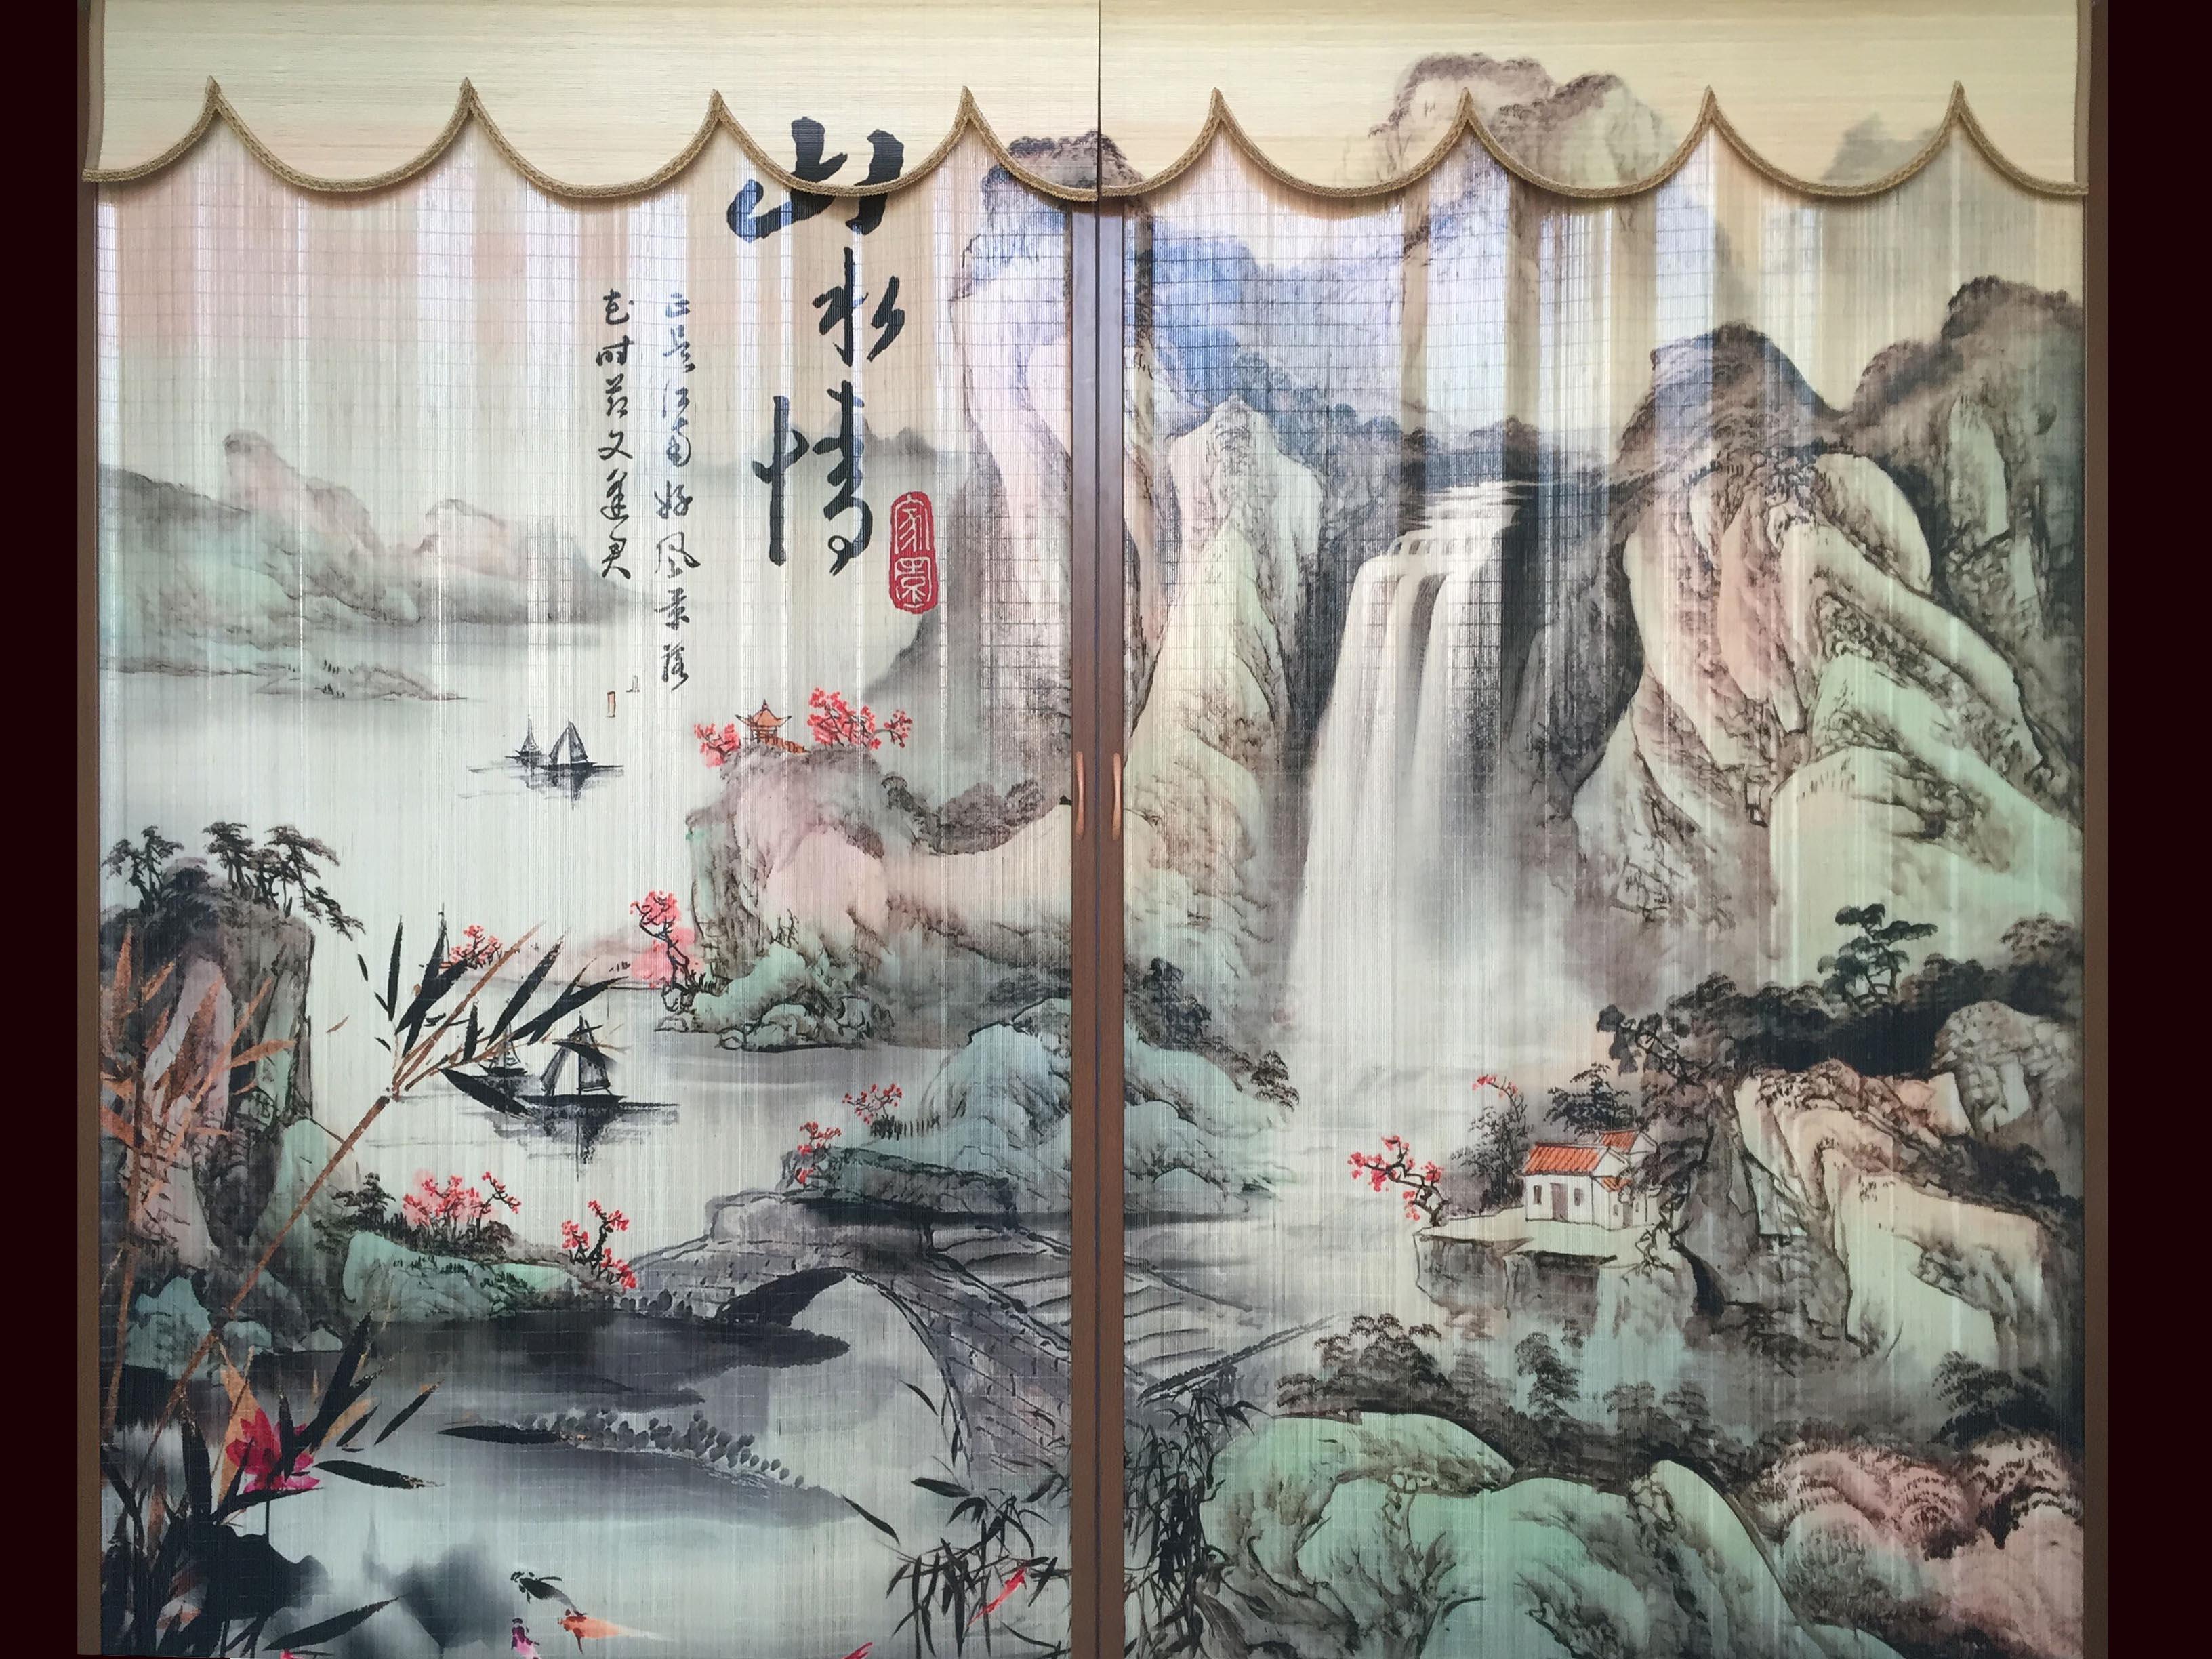 新品遮光遮阳茶室隔断屏风榻榻米日式挂画窗帘竹帘折叠推拉门